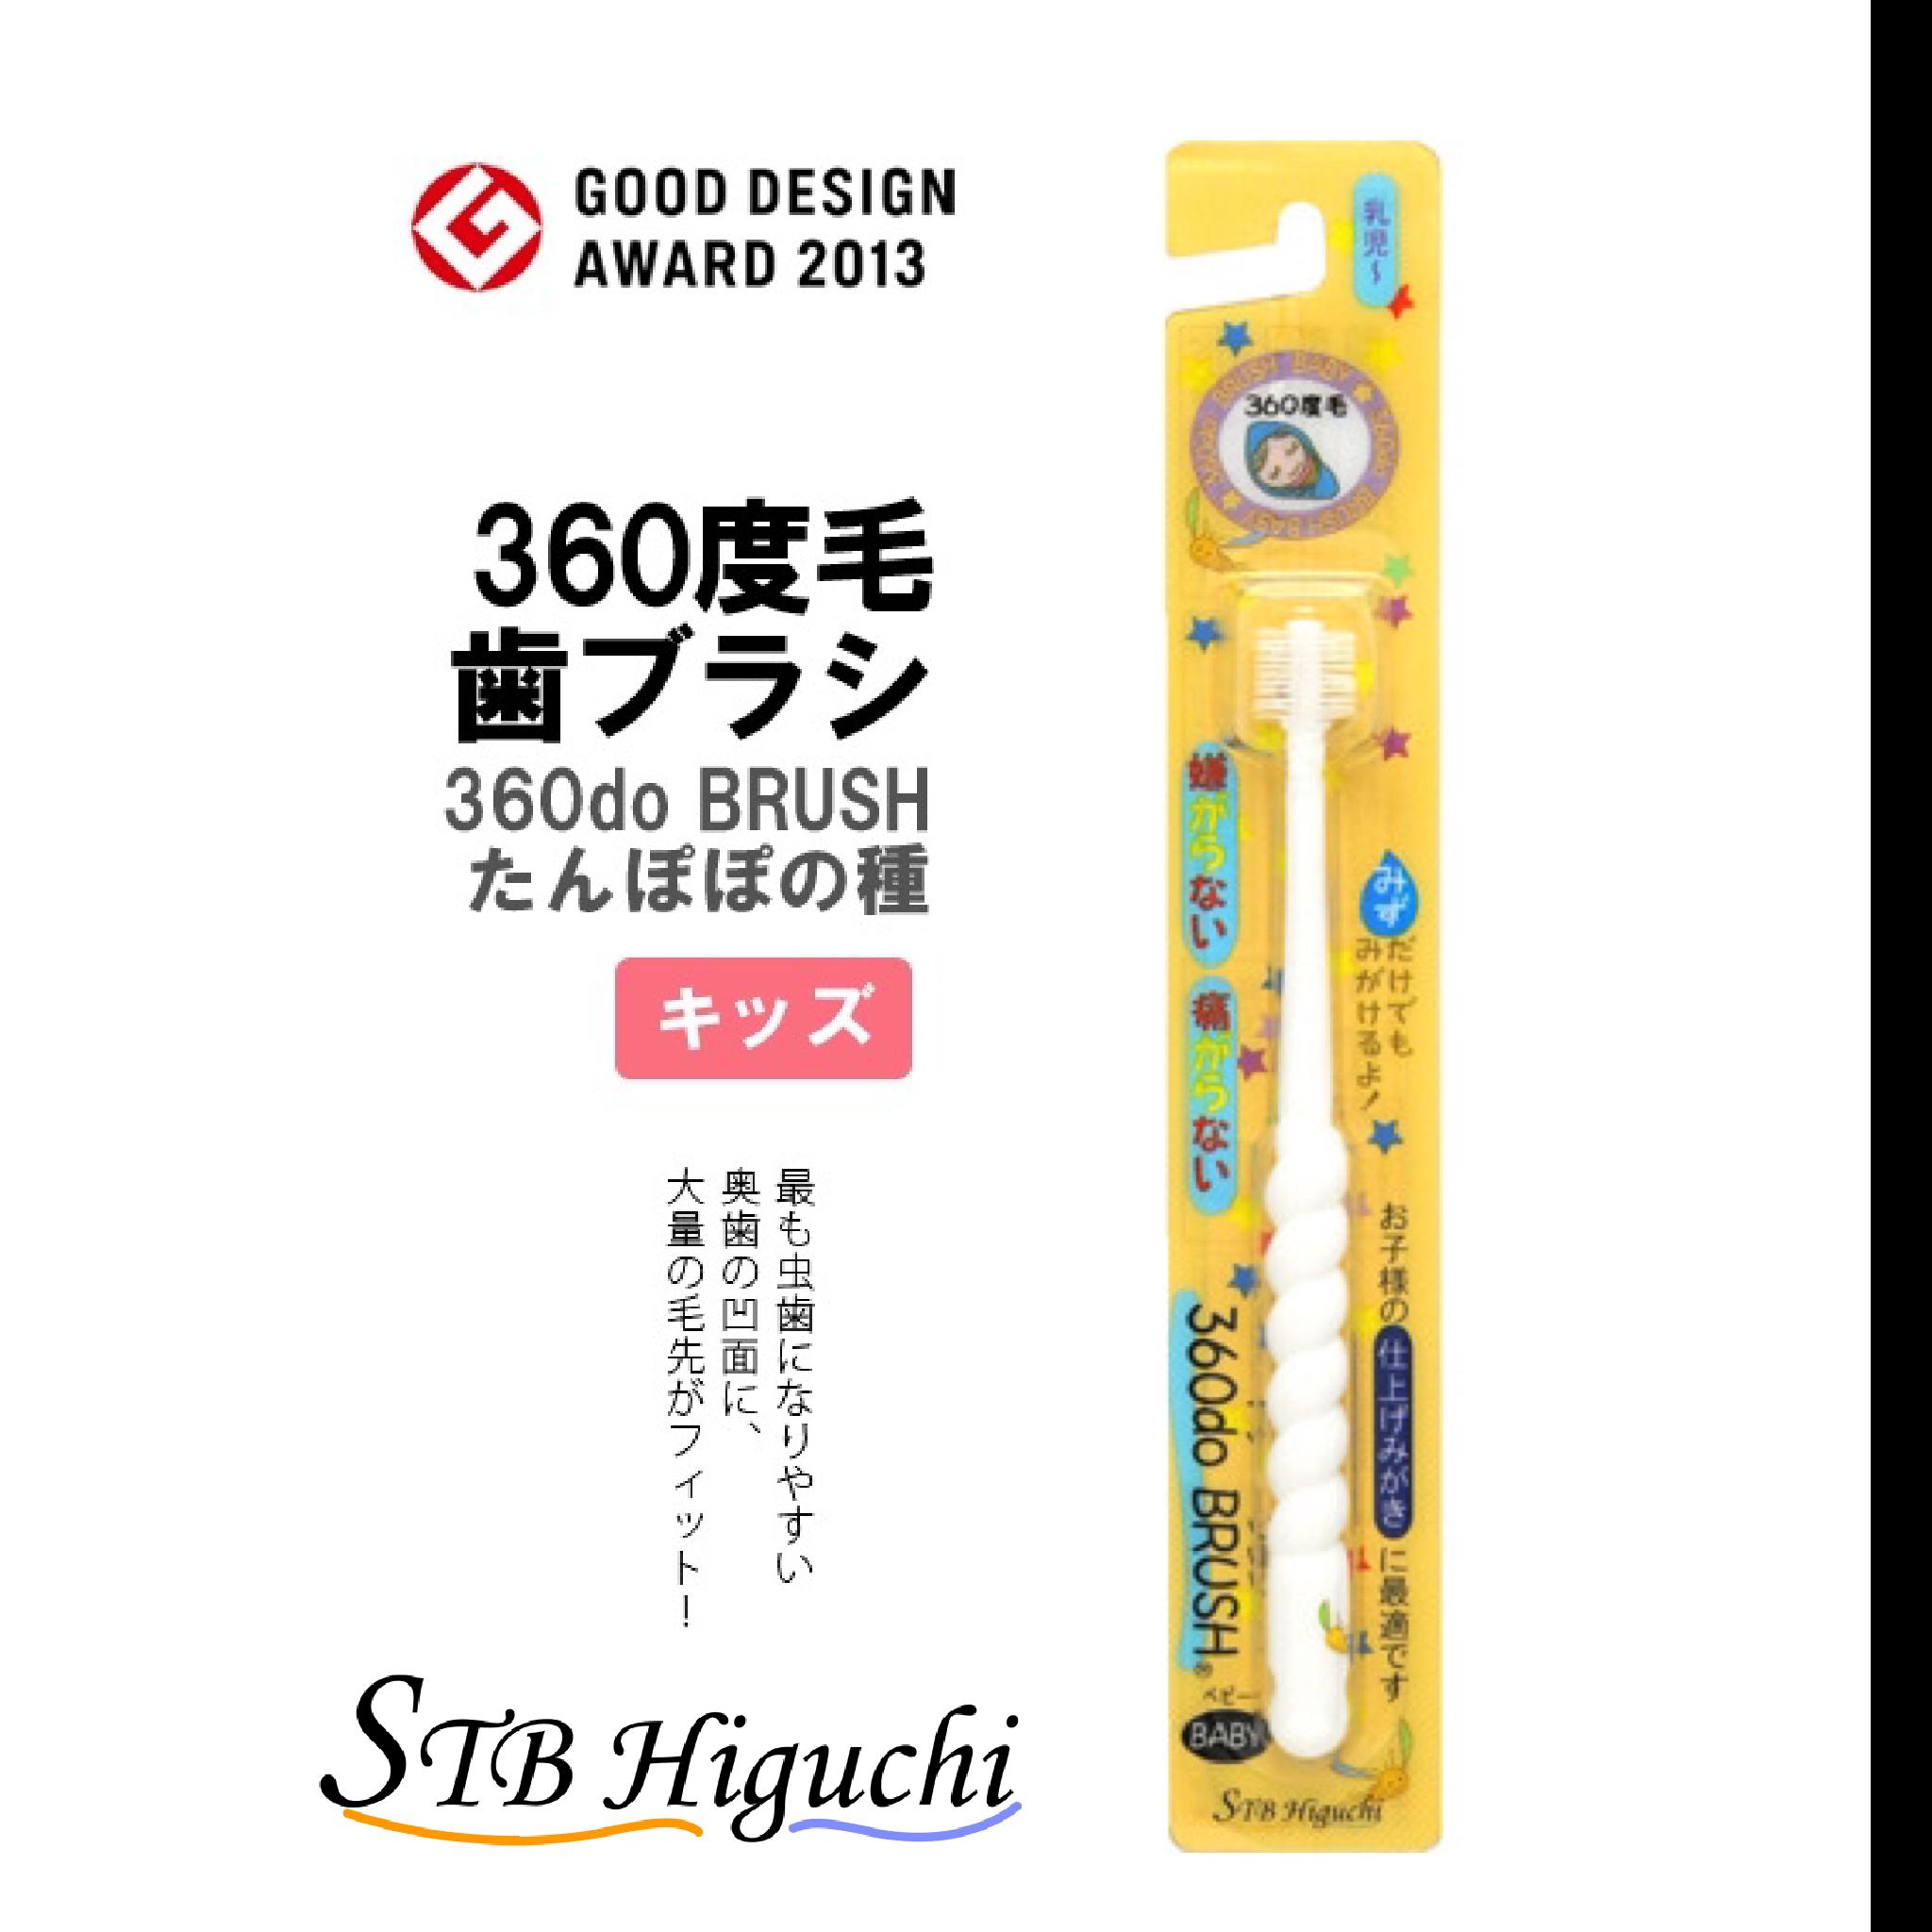 แปรงสีฟัน 360 องศาสำหรับทารกและเด็กเล็ก STB Higuchi รุ่น Tampopo 360do Brush (Baby)